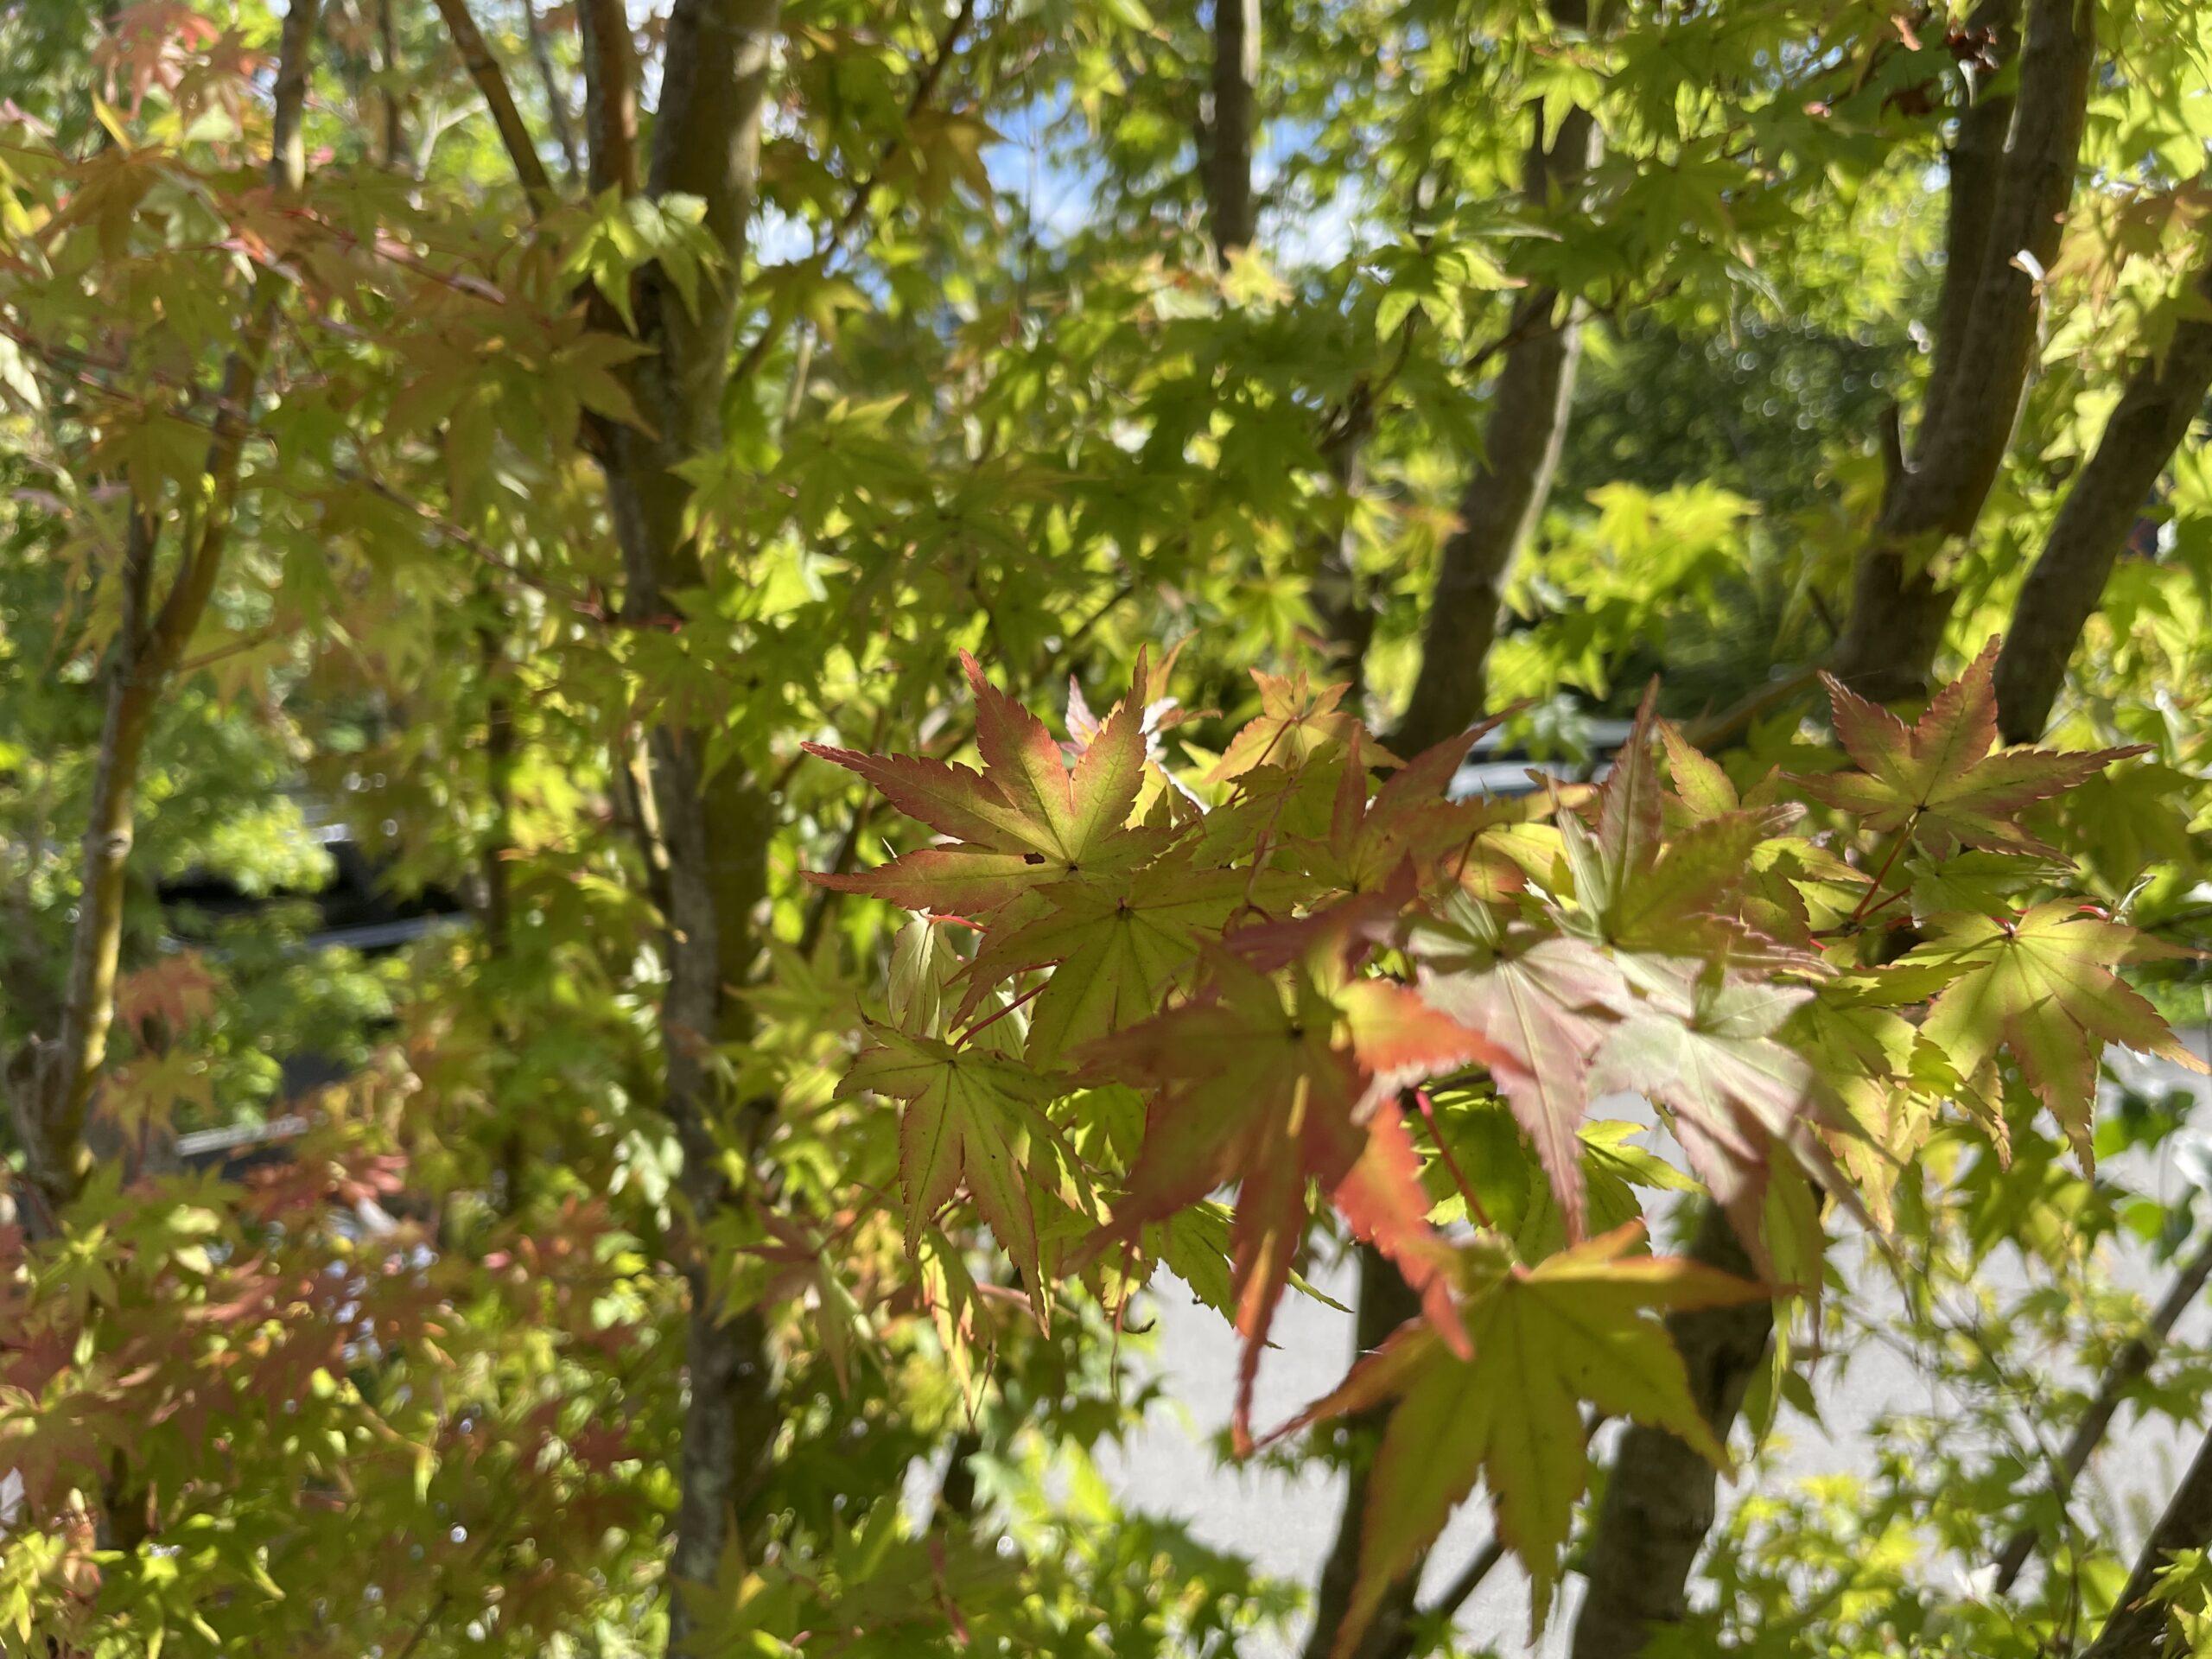 8月末の軽井沢は木々の葉がほんのり色づいている